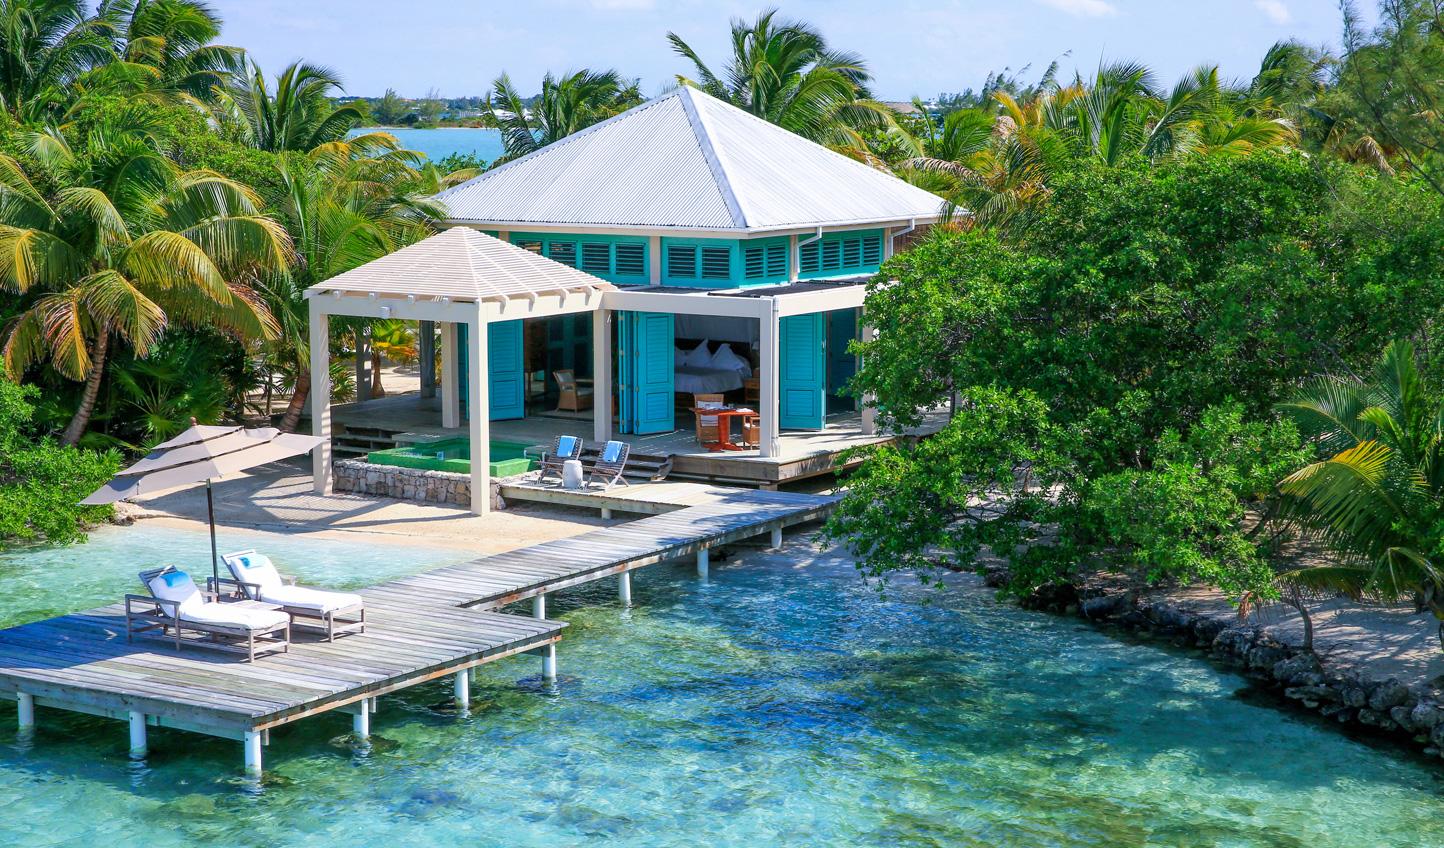 Soak up the sun on the veranda at your beach house